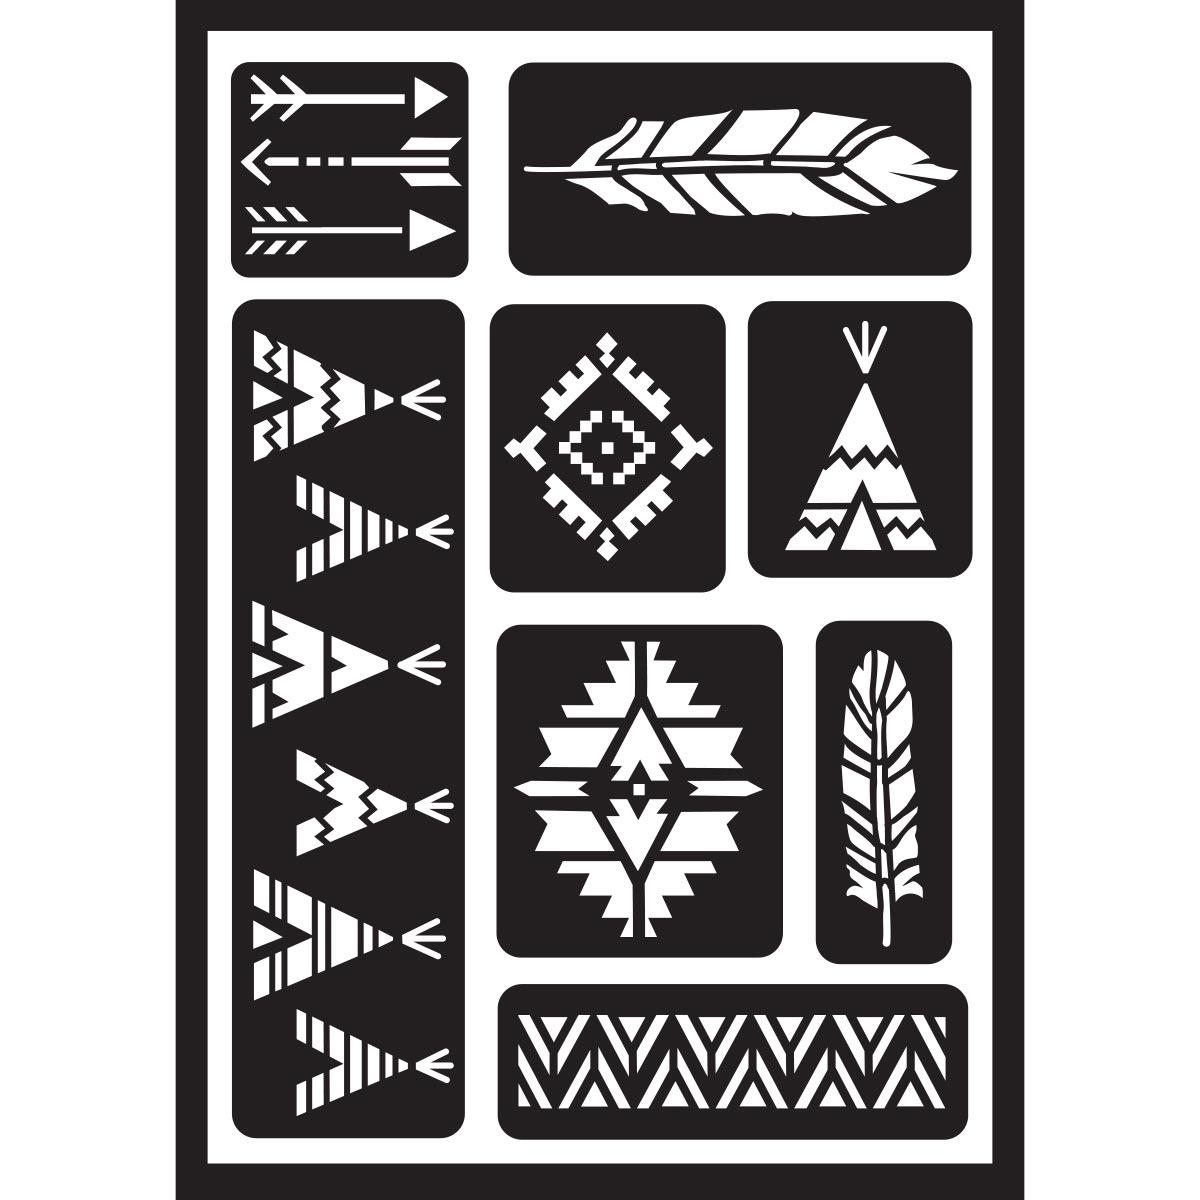 FolkArt ® Peel & Stick Painting Stencils - Tribal